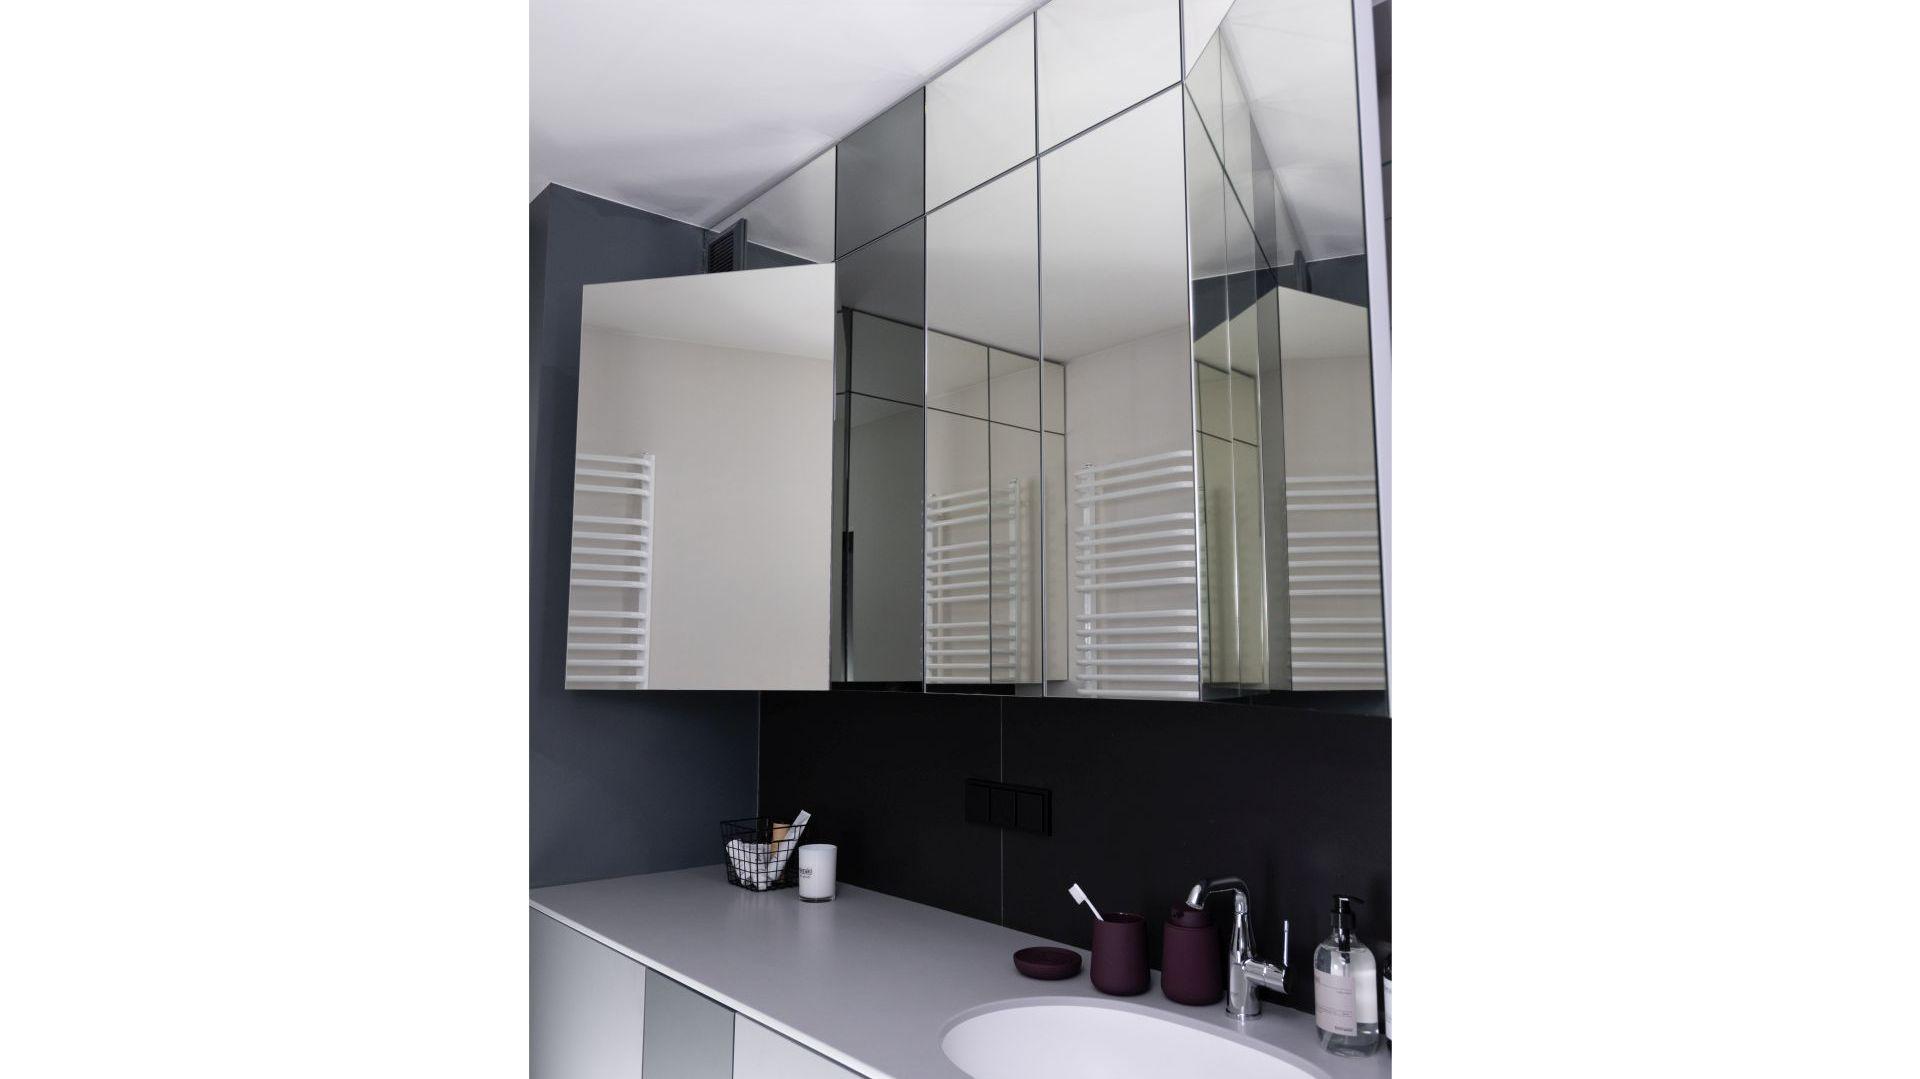 Moduły wiszących szafek mają lustrzane fronty i otwierają się rozłożyście jak toaletka – dzięki temu można się w nich przeglądać ze wszystkich stron. Projekt: Kasia Orwat. Fot. Dekorian Home